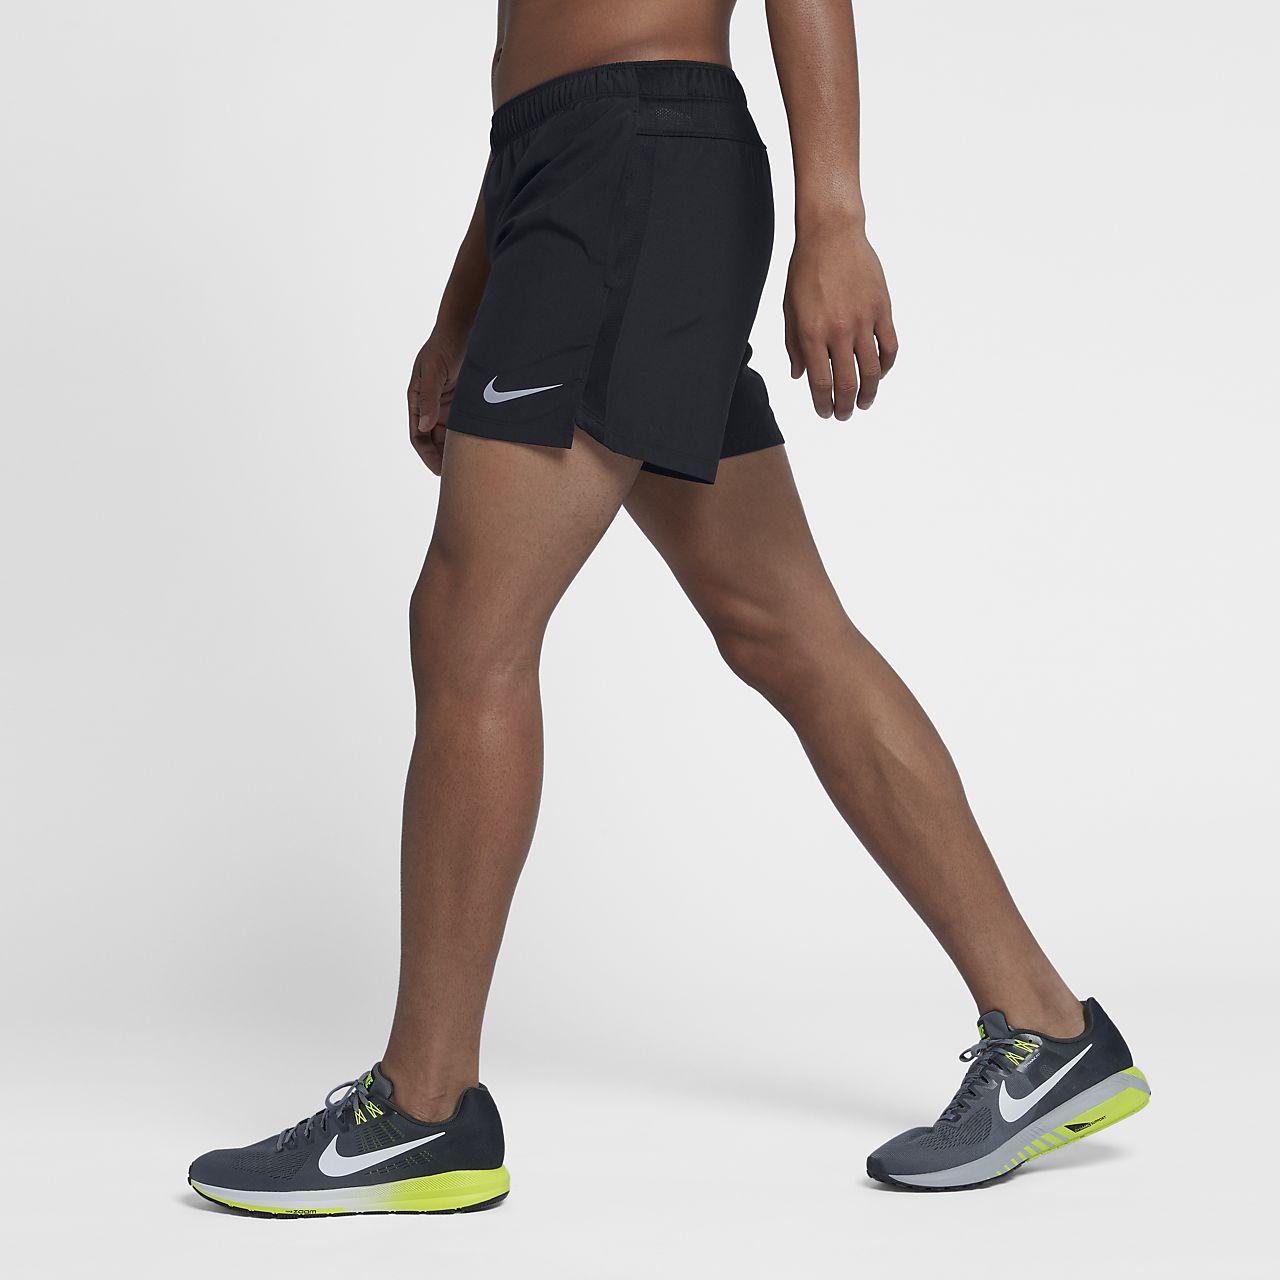 Nike Challenger Herren-Laufshorts mit Futter (ca. 12,5 cm)